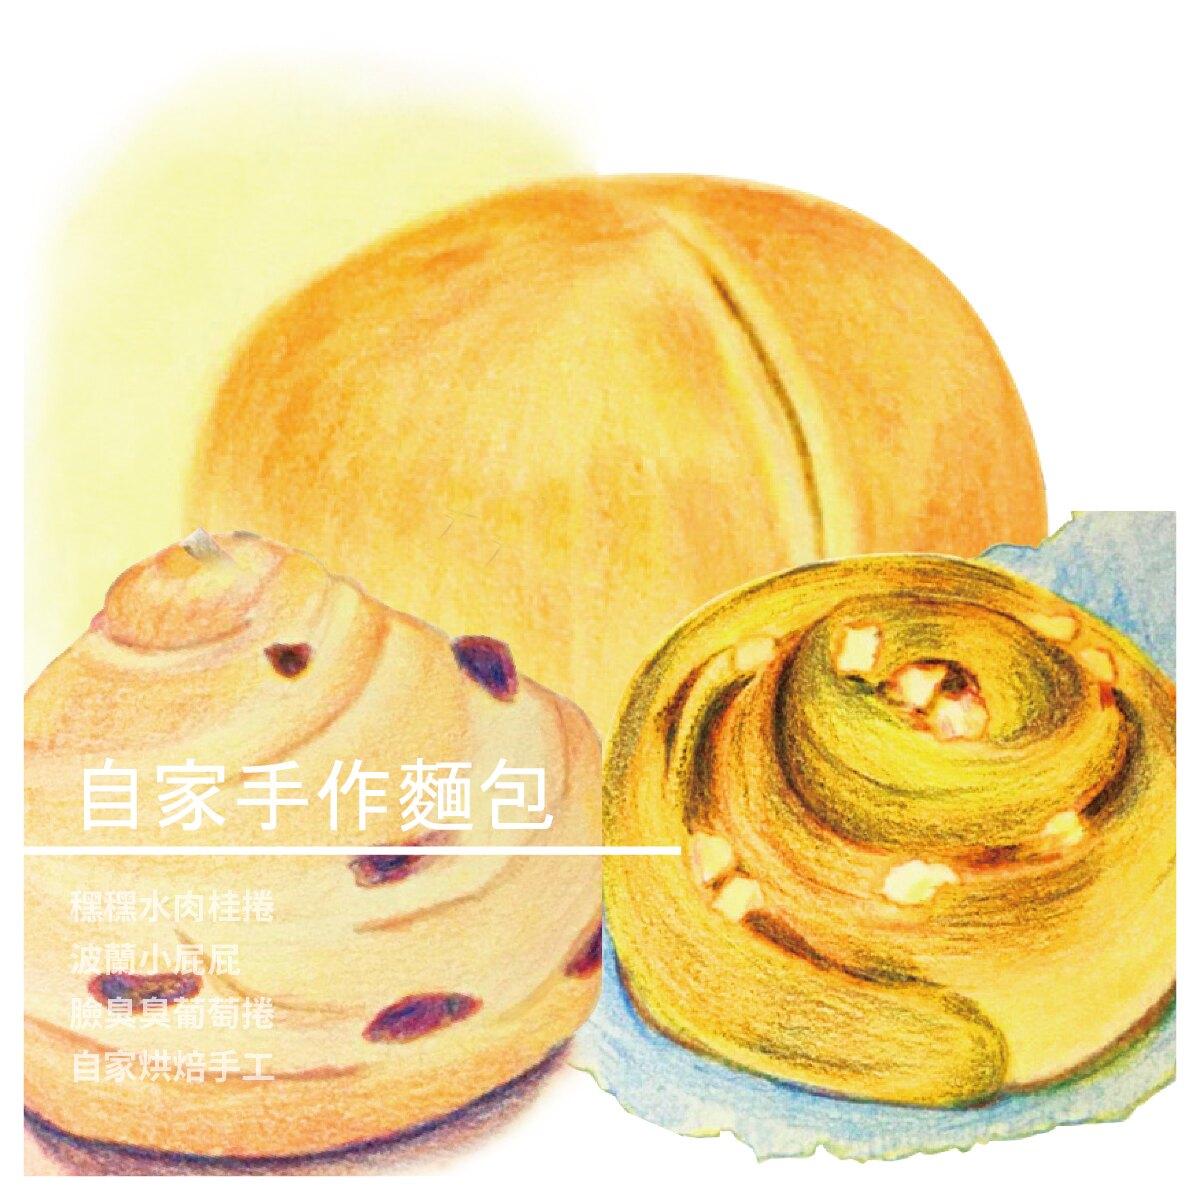 【苑裡好物】苑裡好咖 自家手作麵包組合 8入+金光肉圓3包